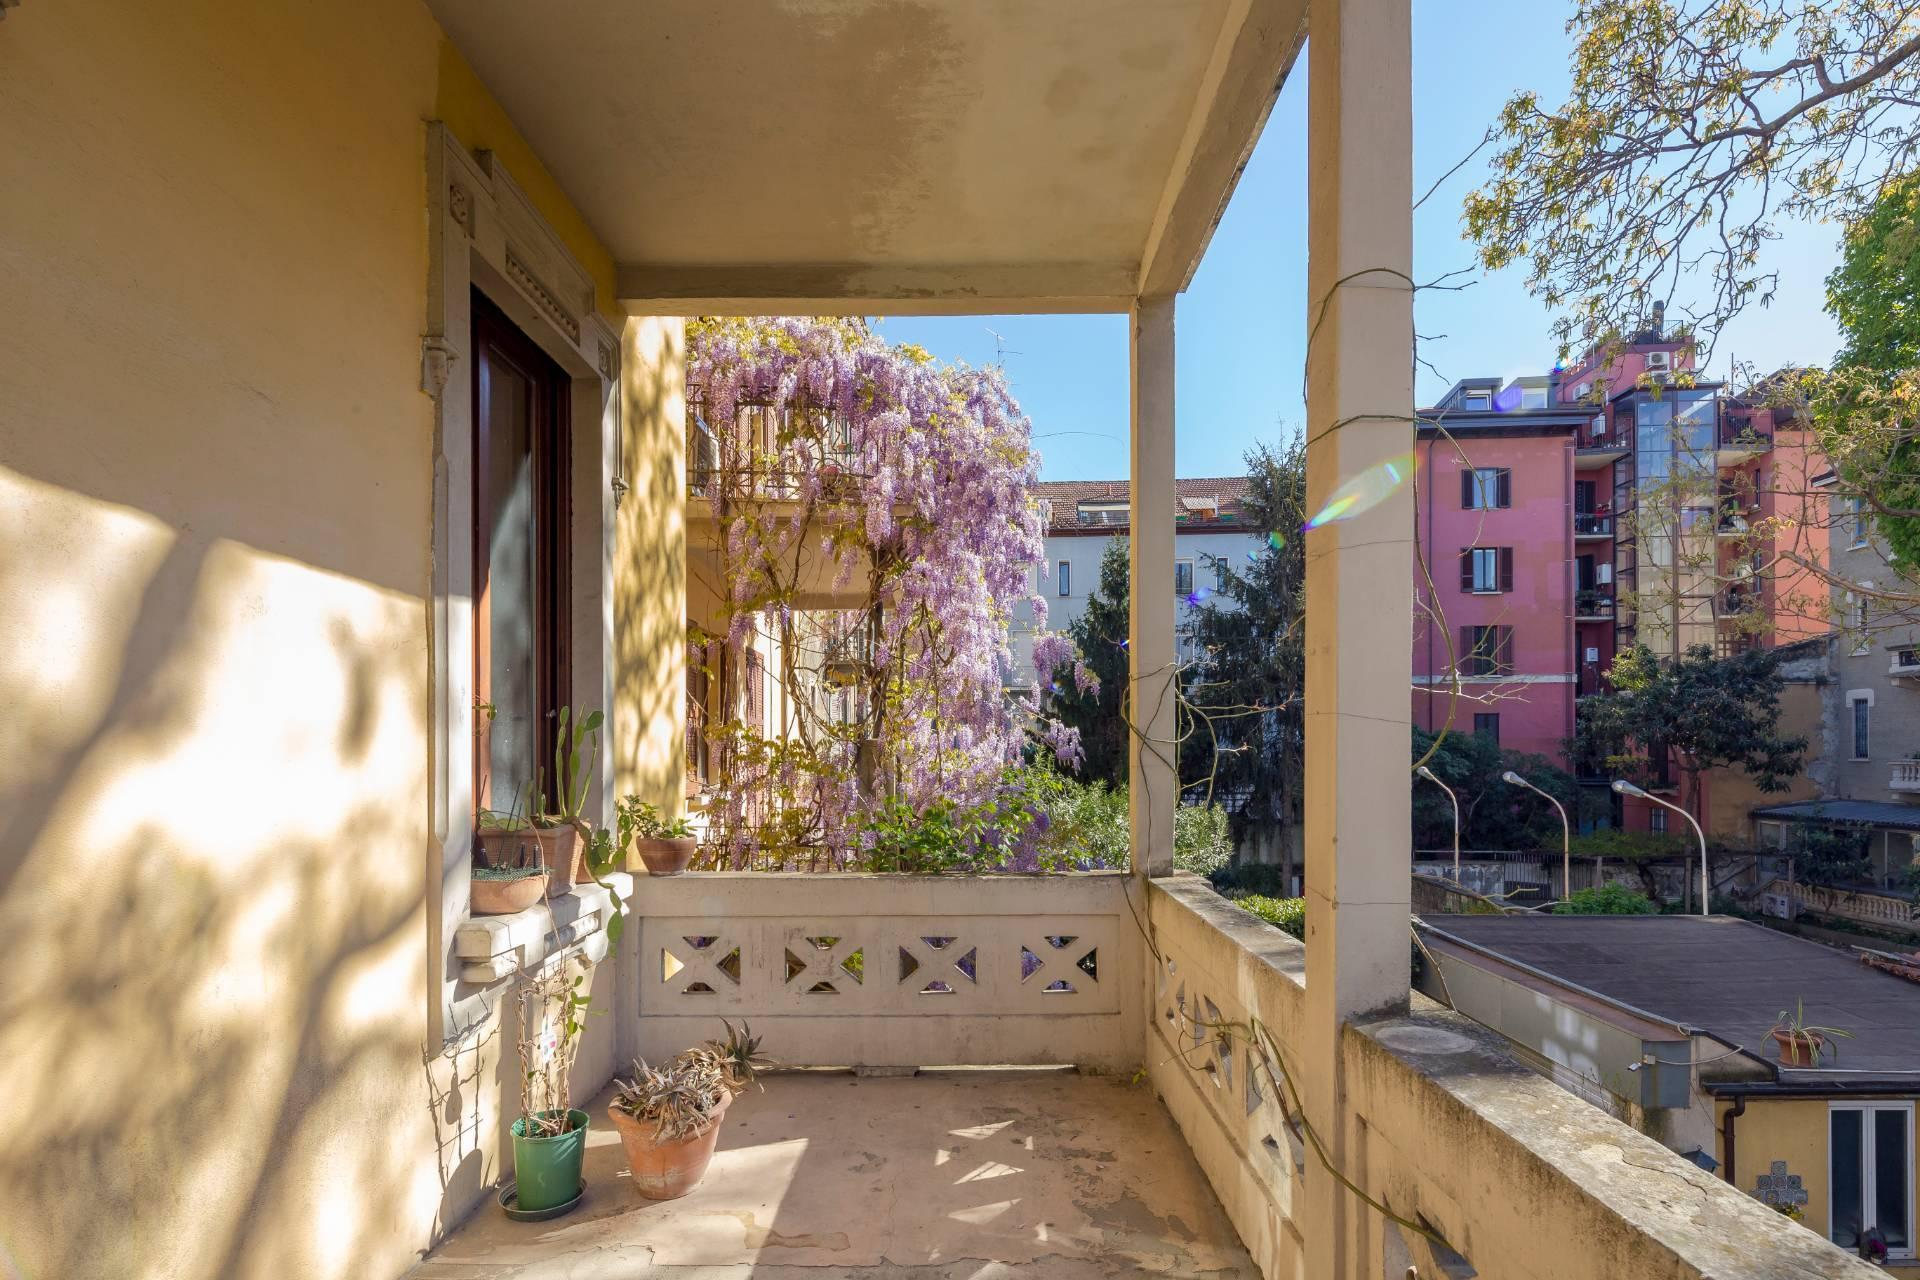 Elegant residence overlooking a lush flower garden - 6